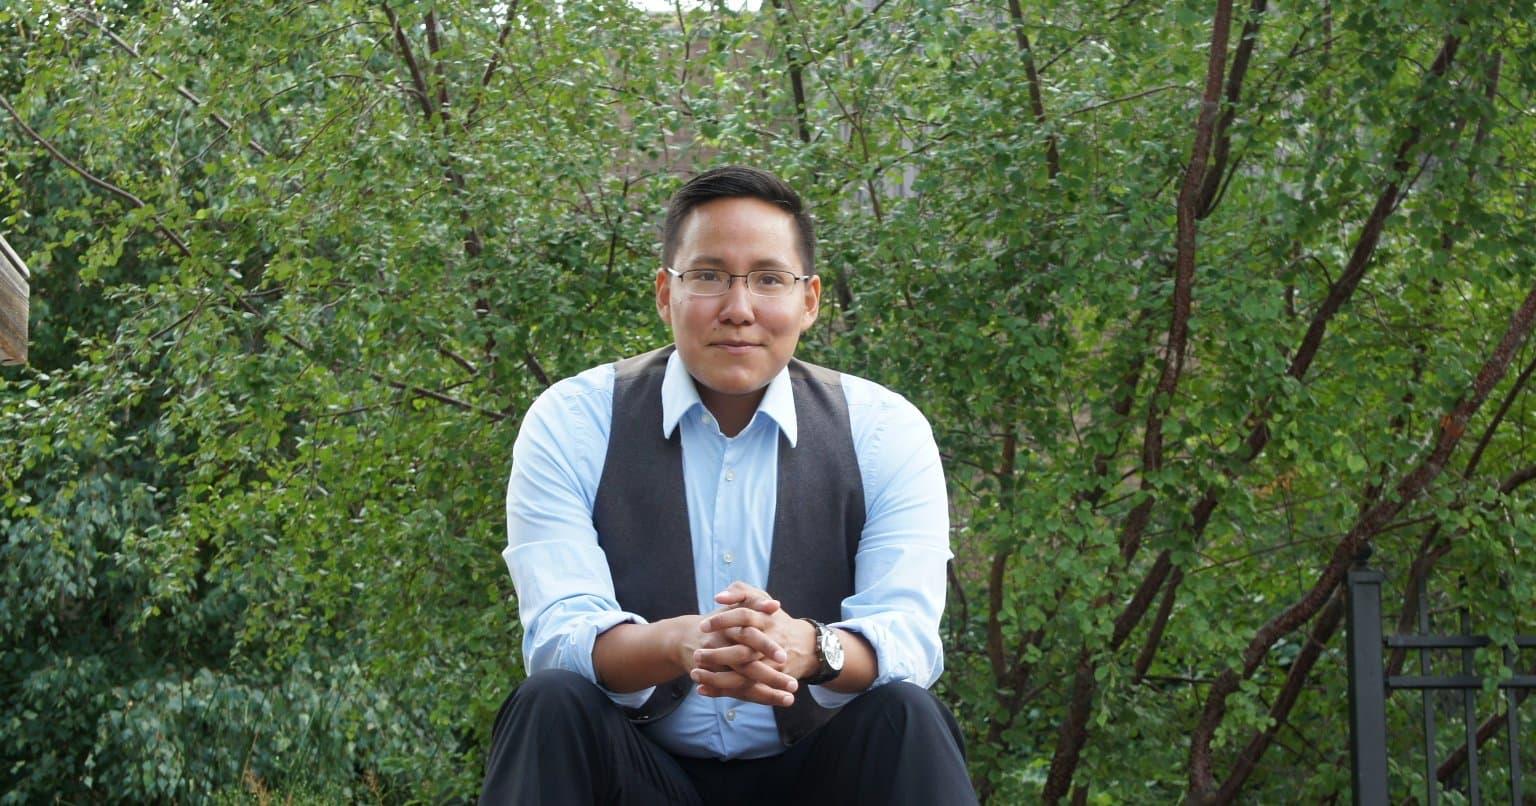 Sur la photo, un Autochtone souriant assis sur des marches de pierre portant une chemise boutonnée, les mains jointes sur les genoux.